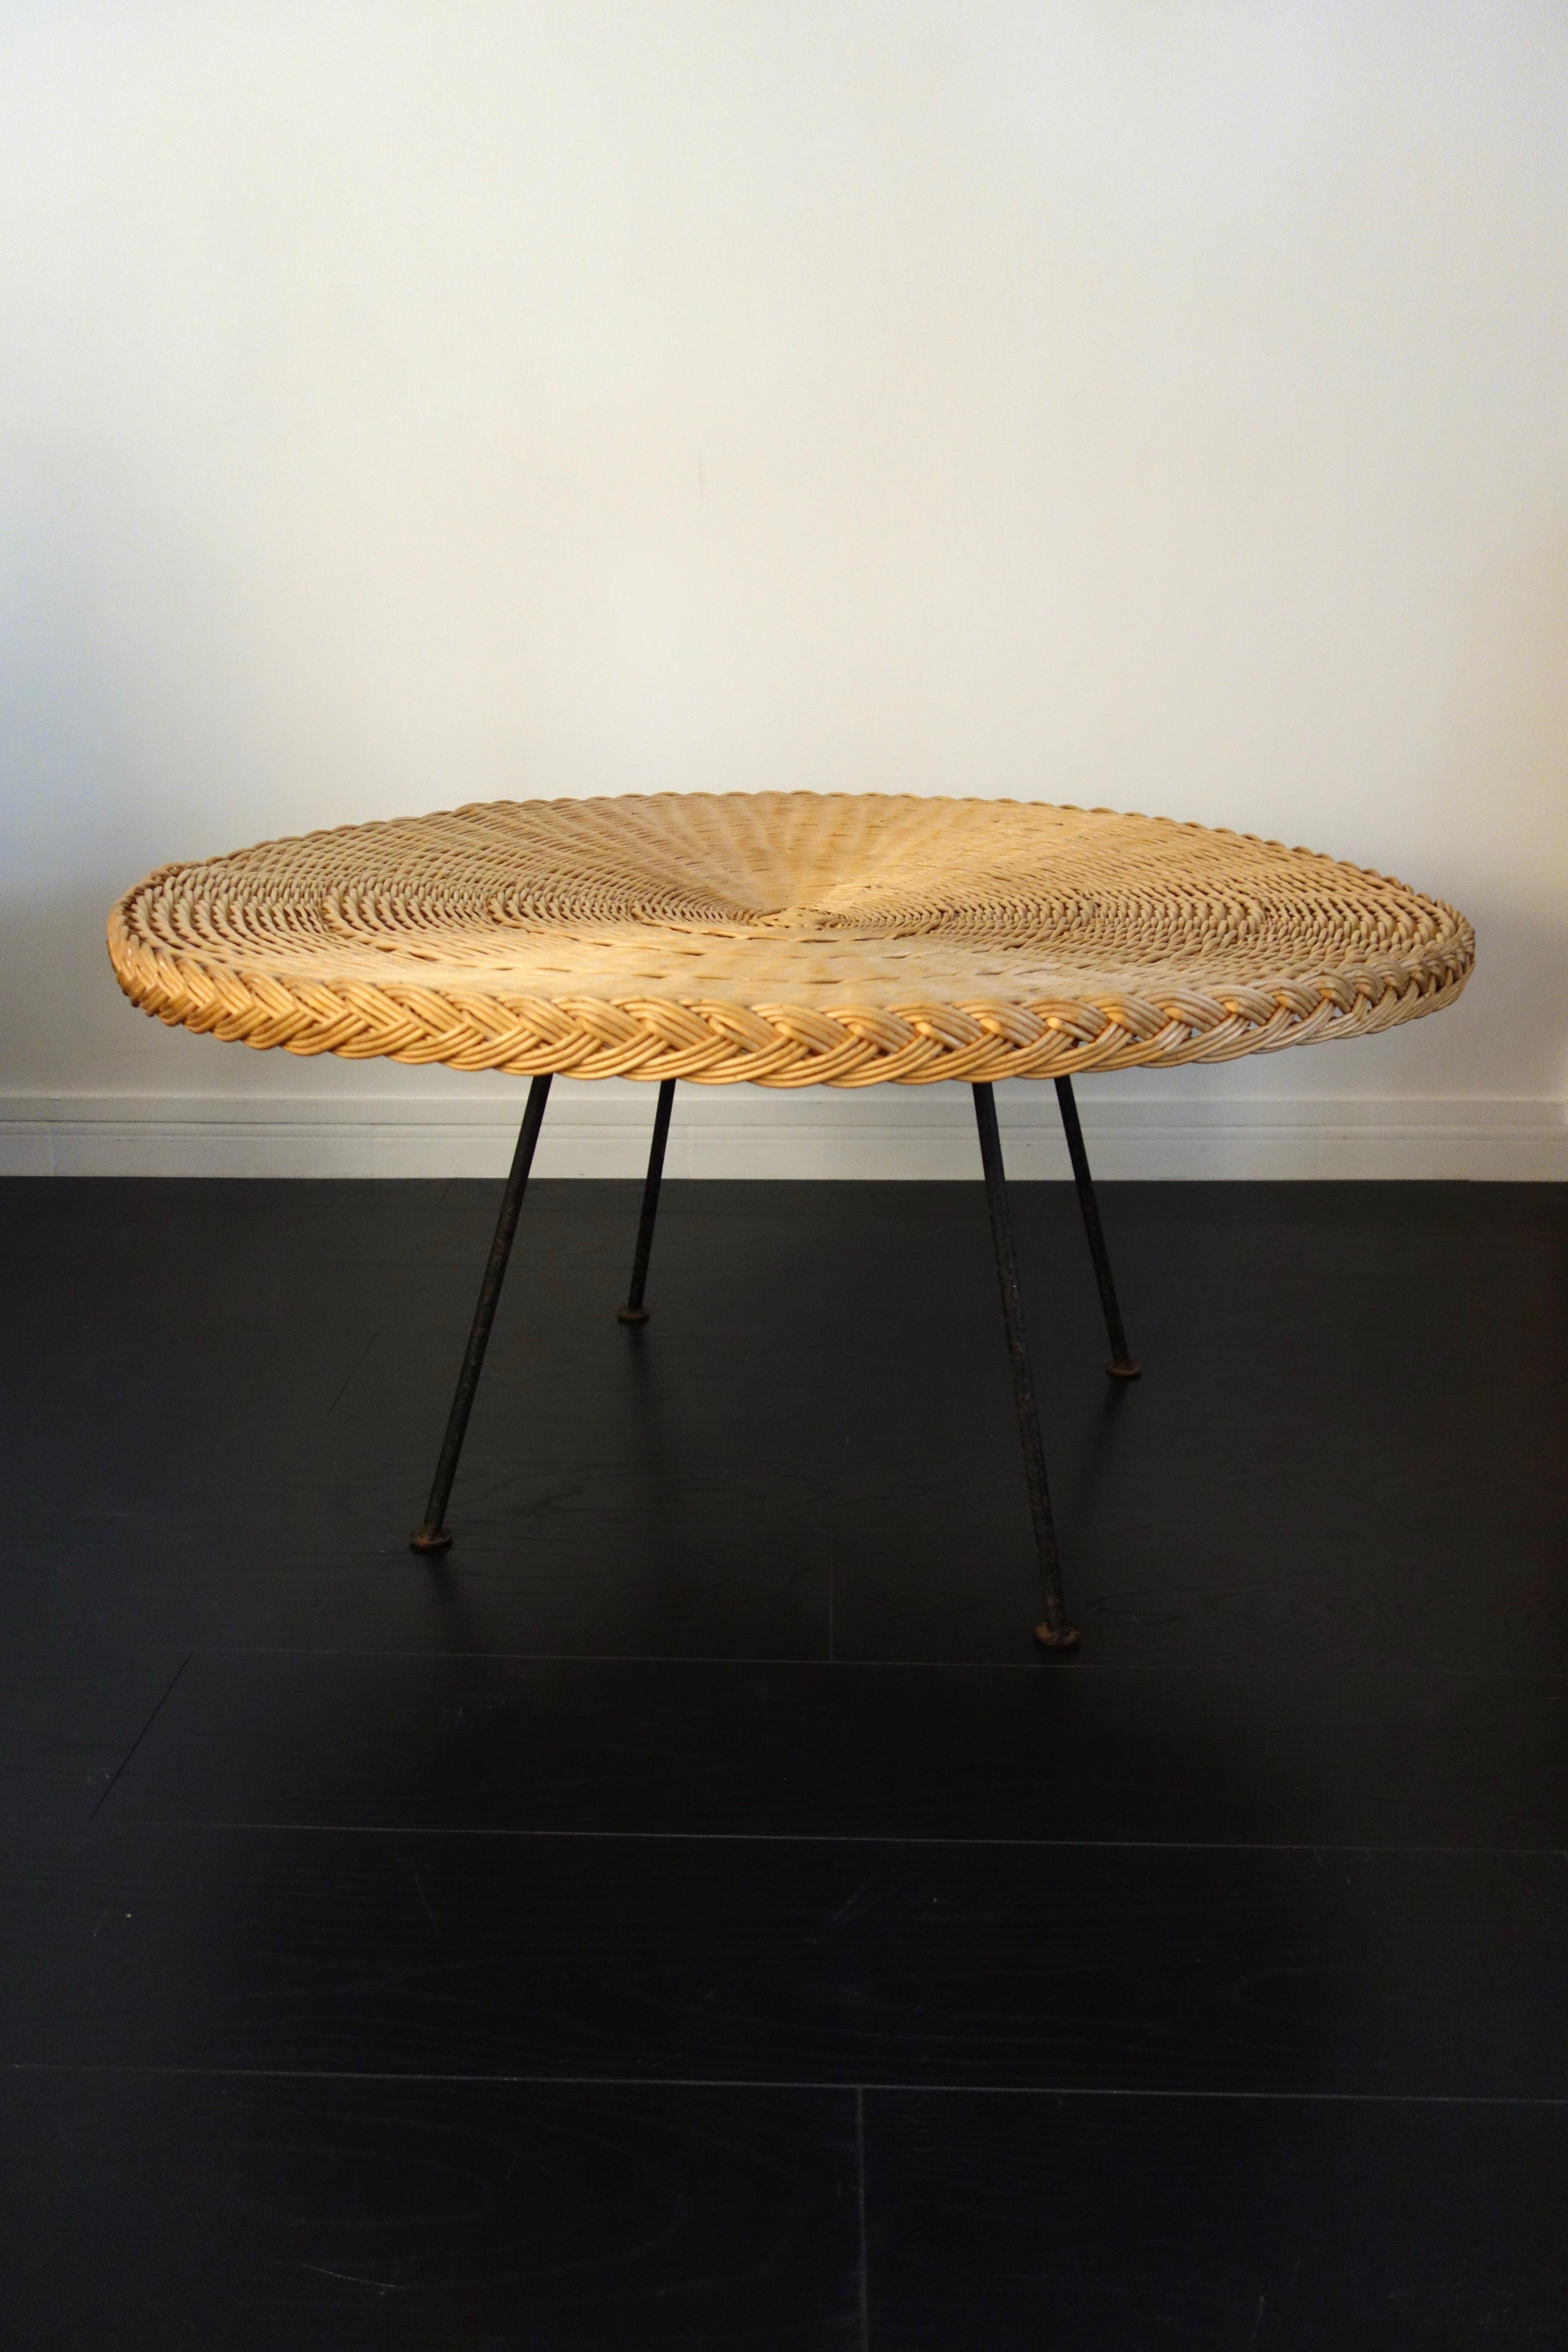 Grande table basse en rotin tressé et métal année 50